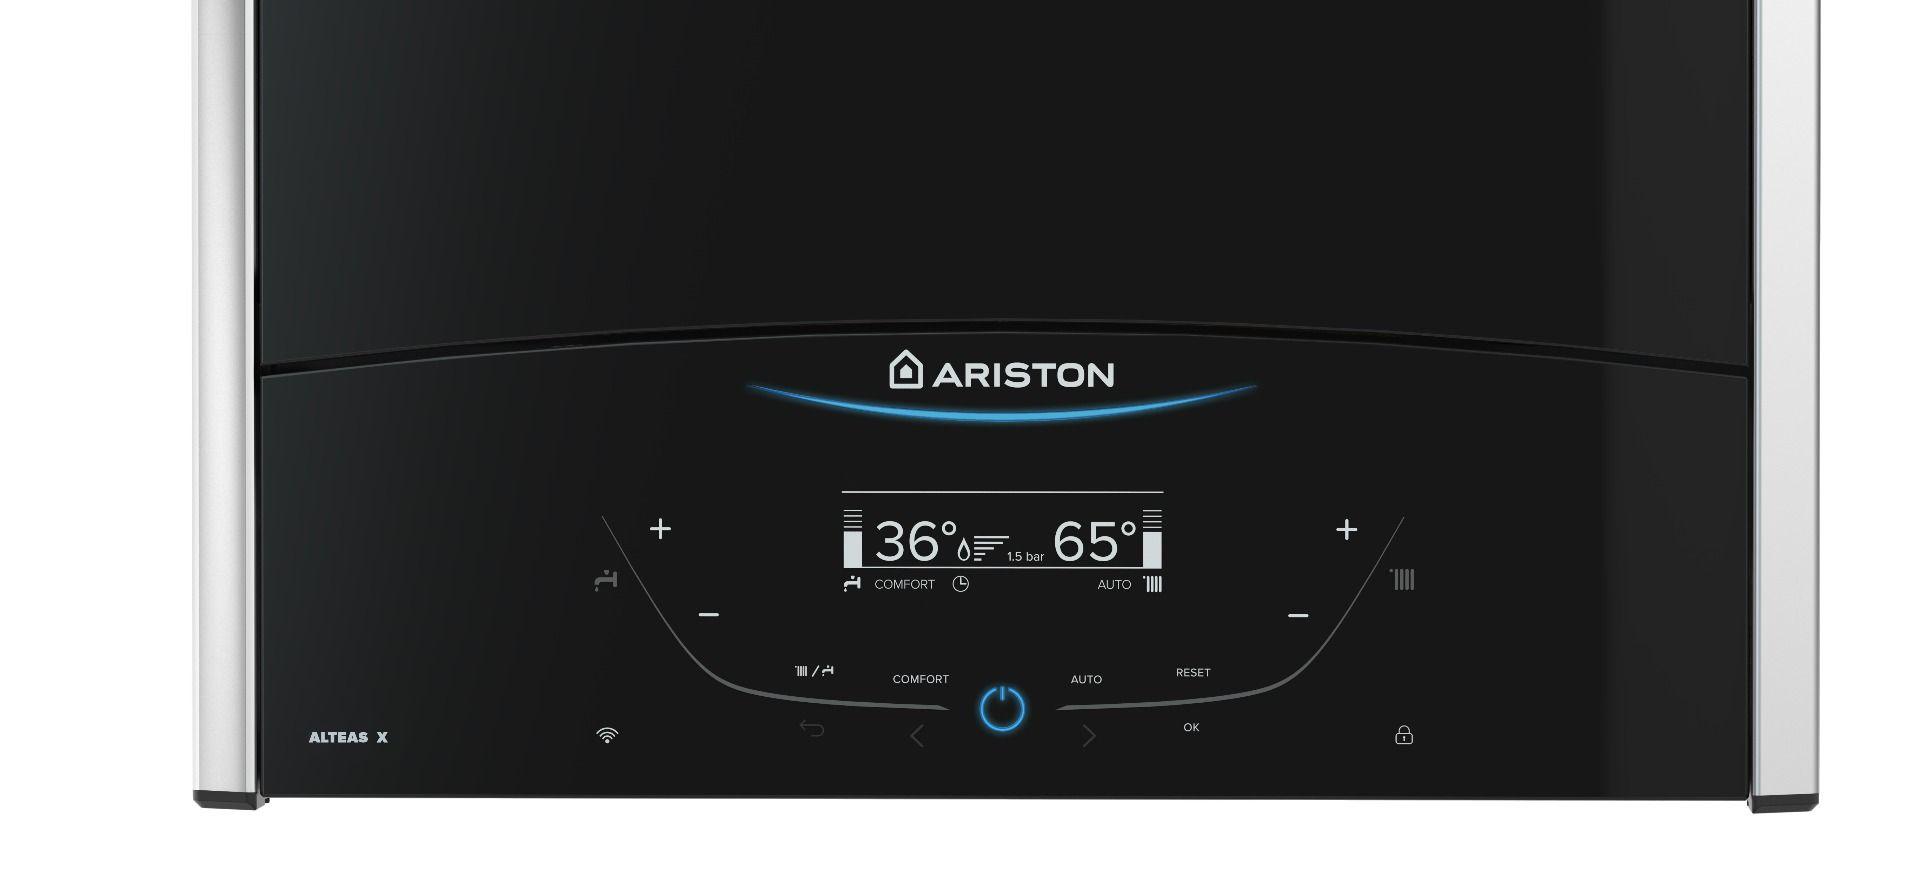 Газовый котел Ariston Alteas X 35 FF NG  изображение 2